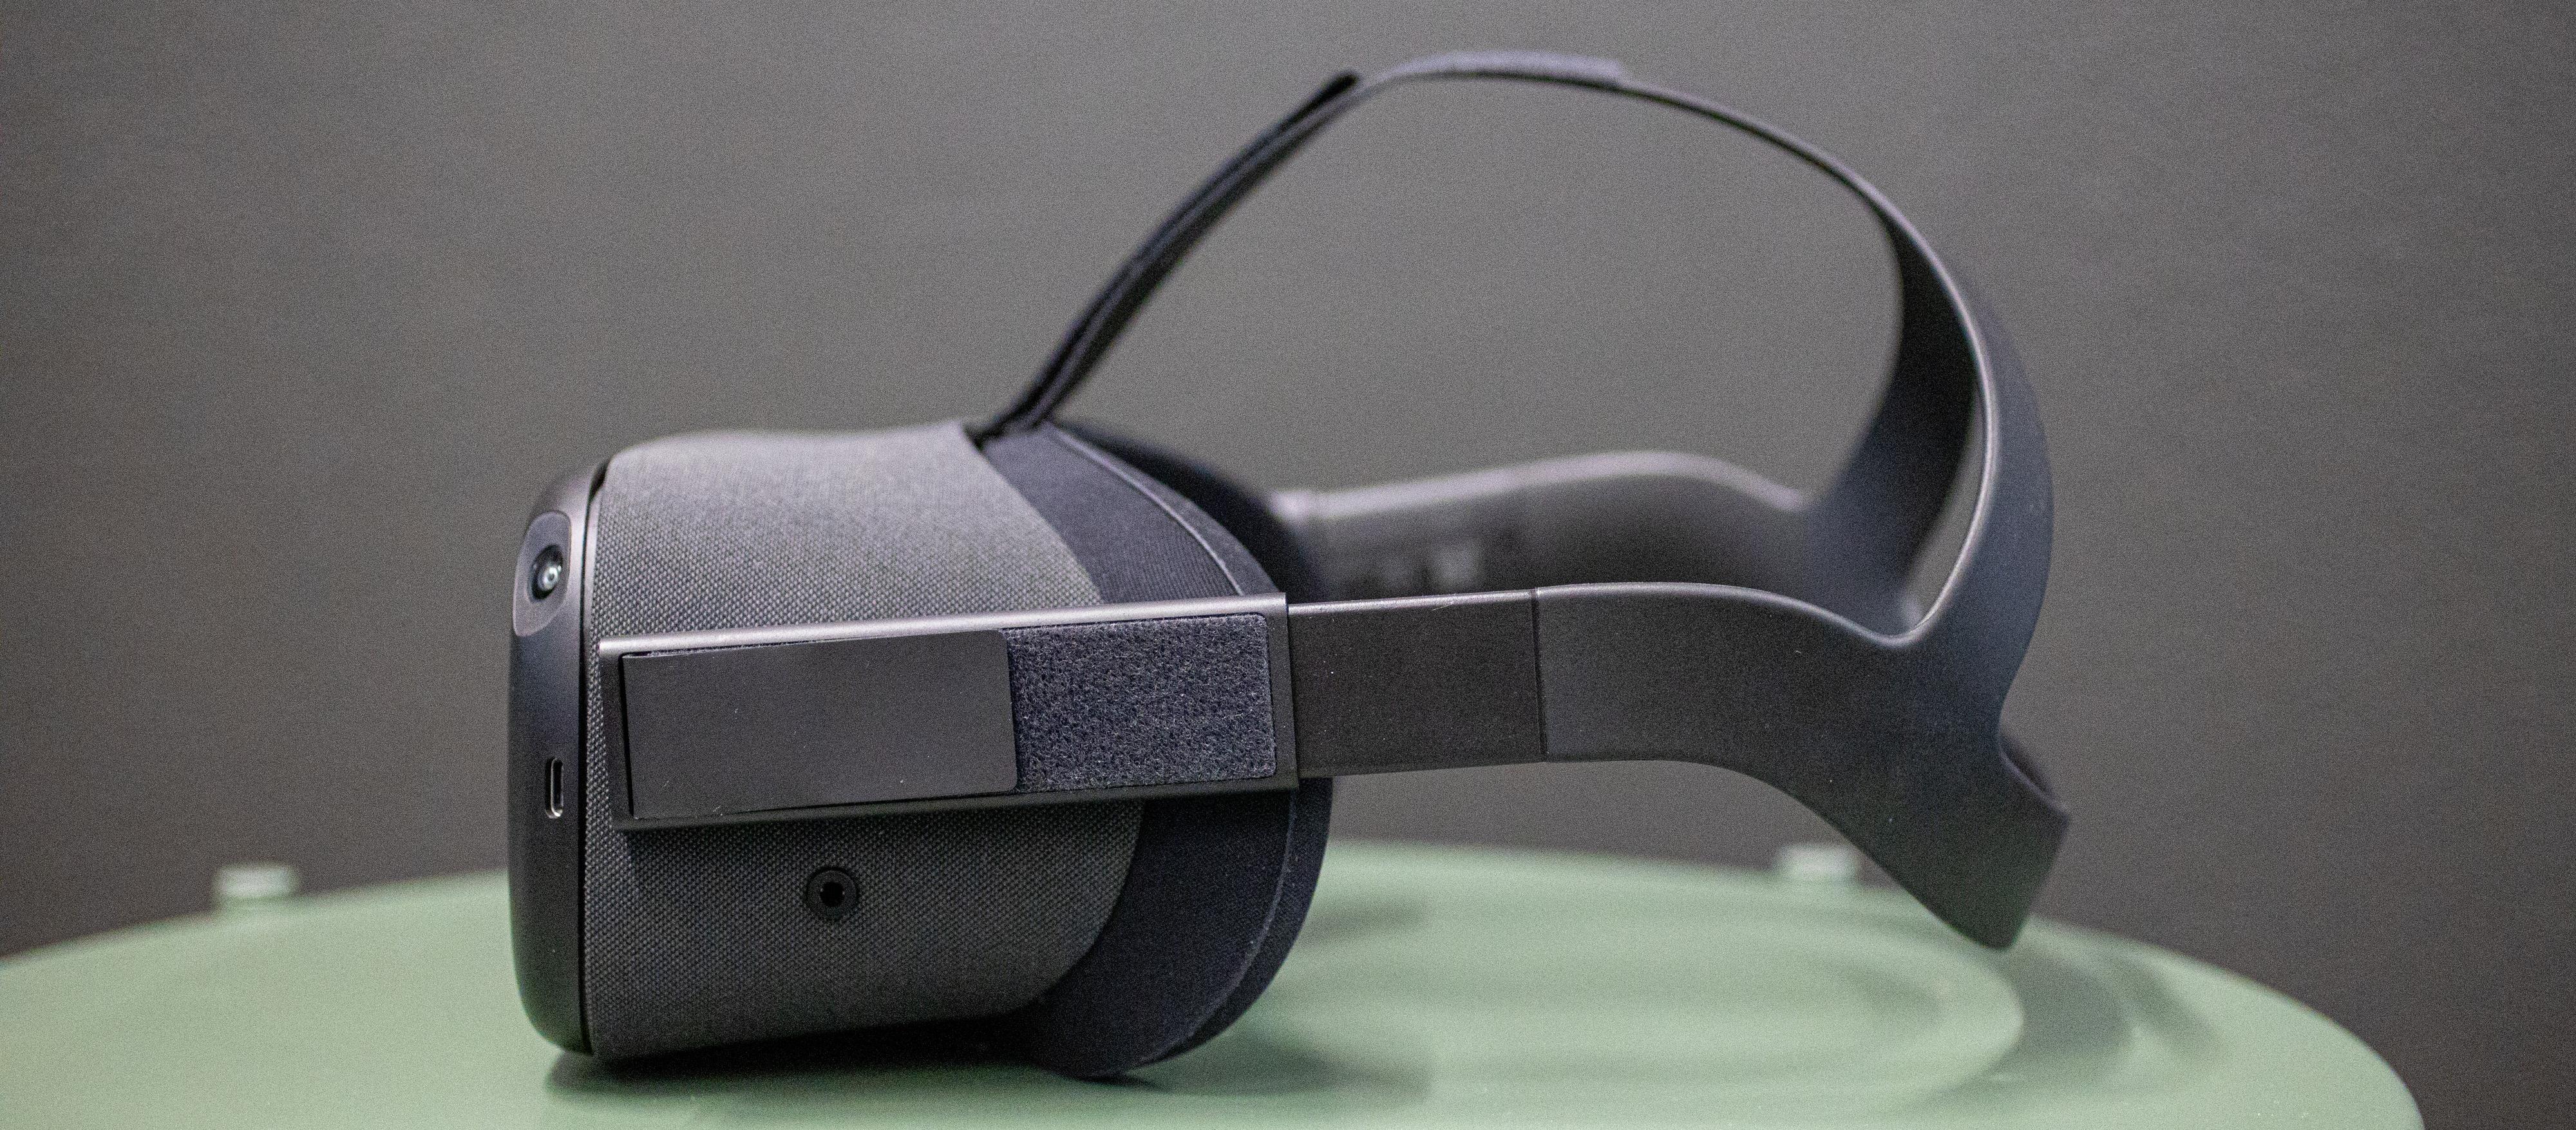 Designet minner mye om den originale Oculus Rift. Det er ikke de mest behagelige VR-brillene å ha på, men det var absolutt godt nok.